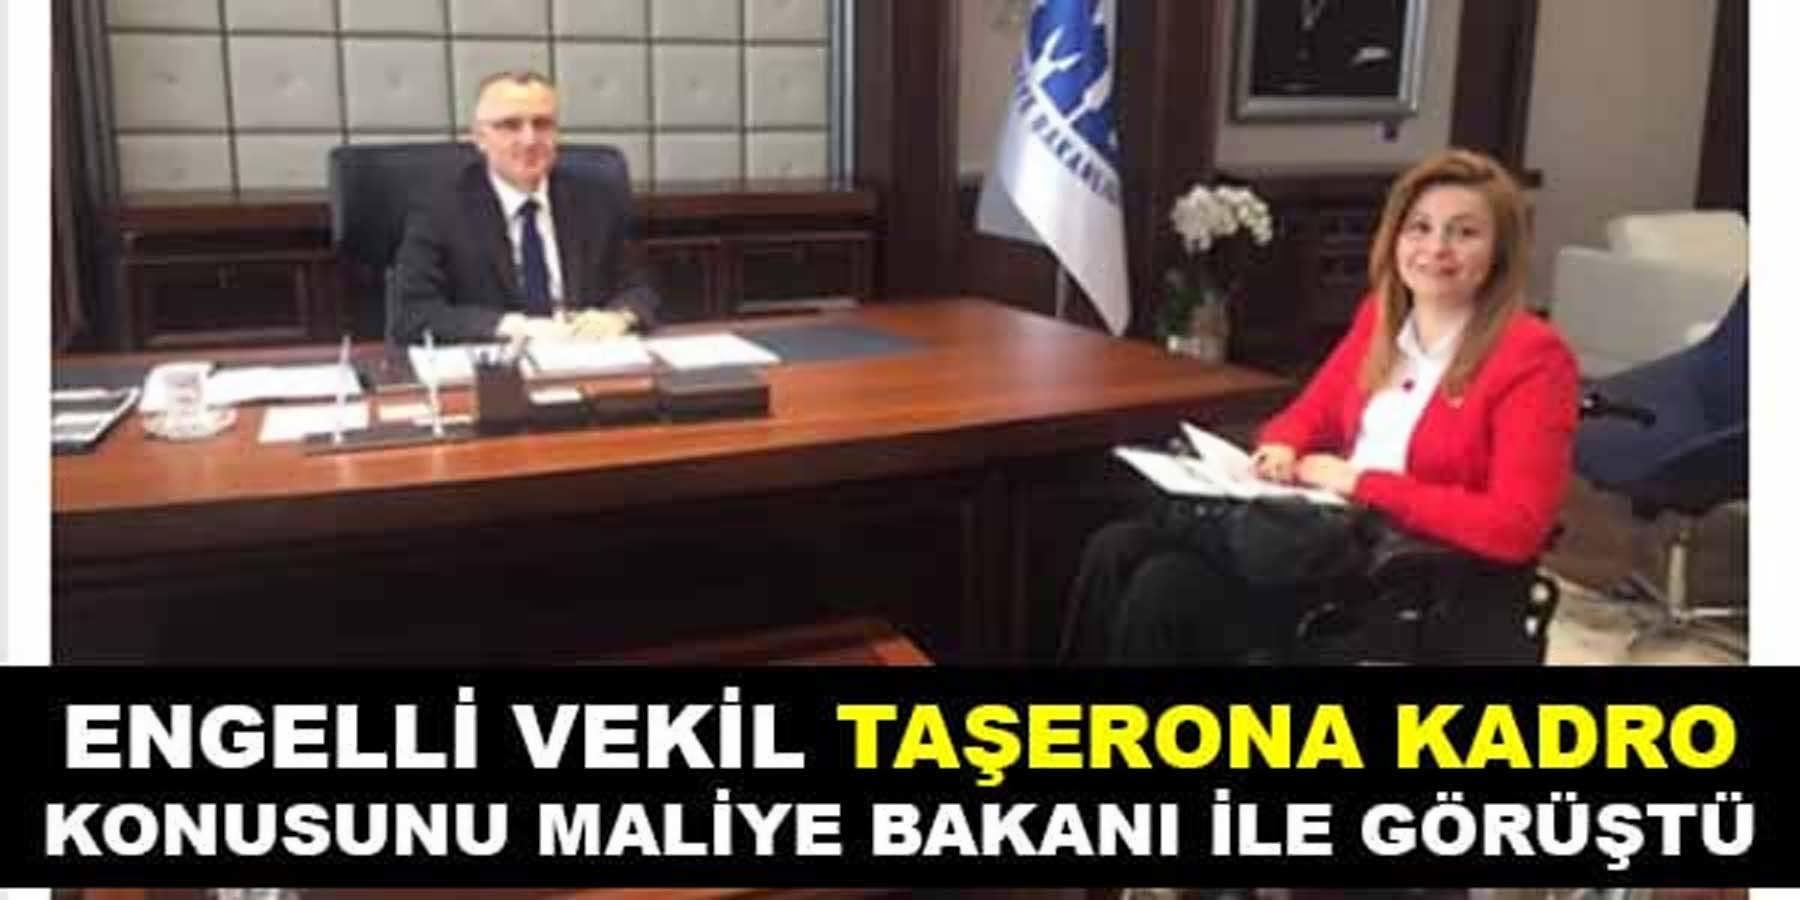 Engelli Milletvekili Taşerona Kadro İşini Naci Ağbal İle Görüştü